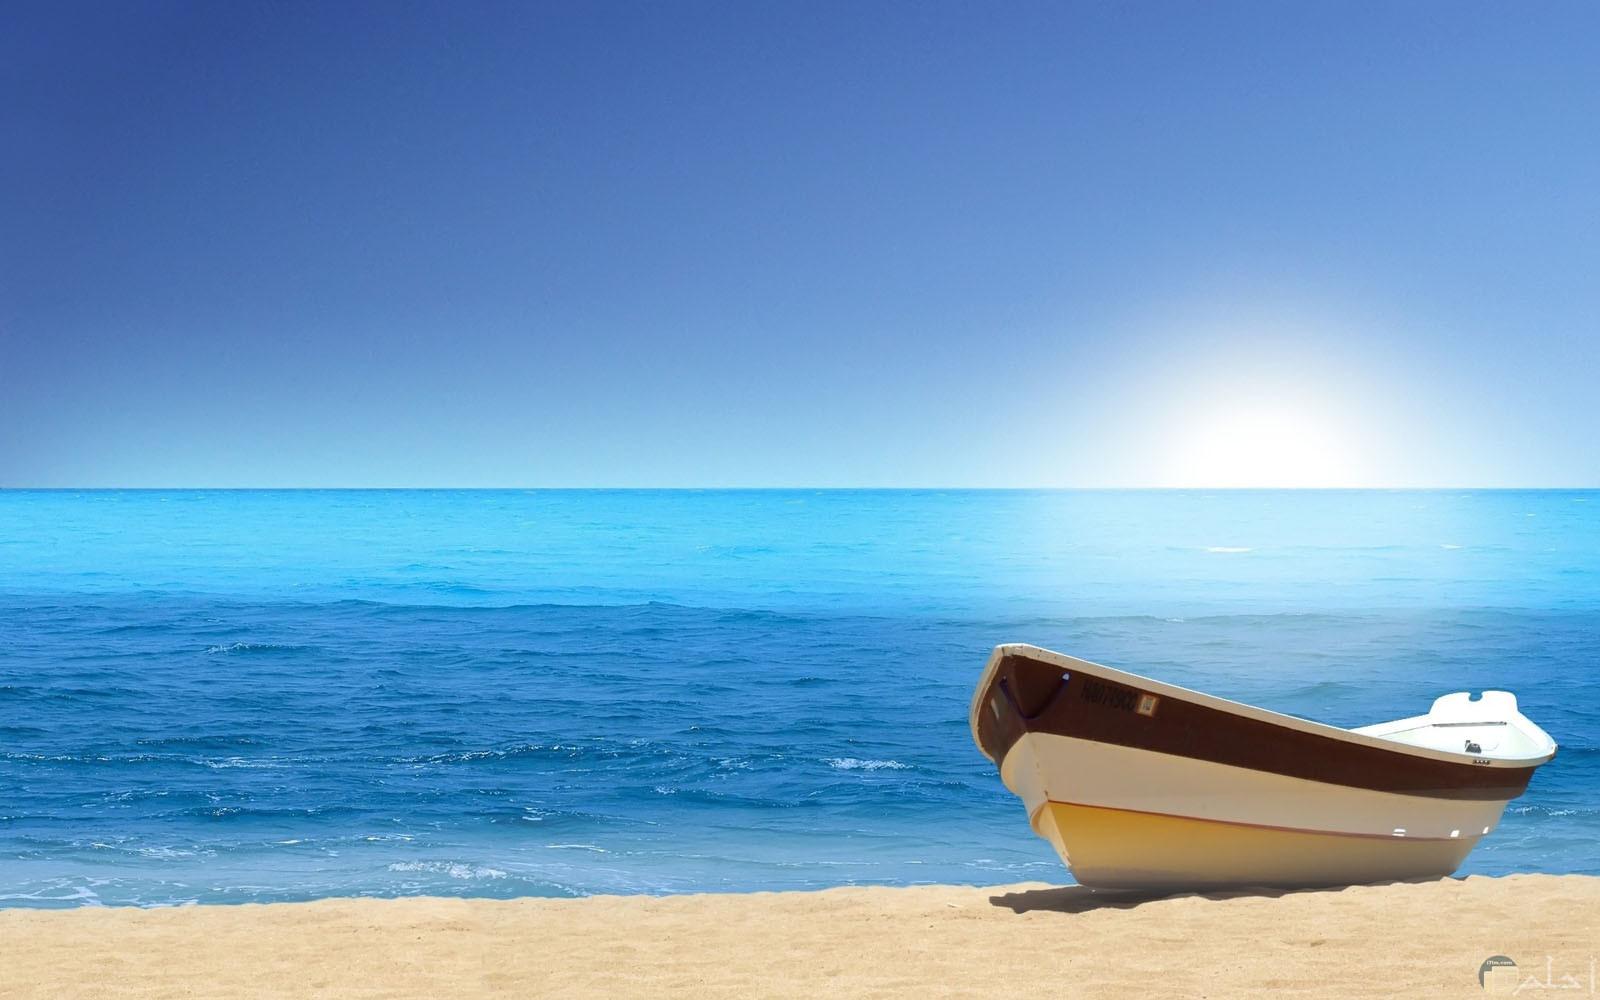 قارب صغير على رمال شاطئ بحر جميل.